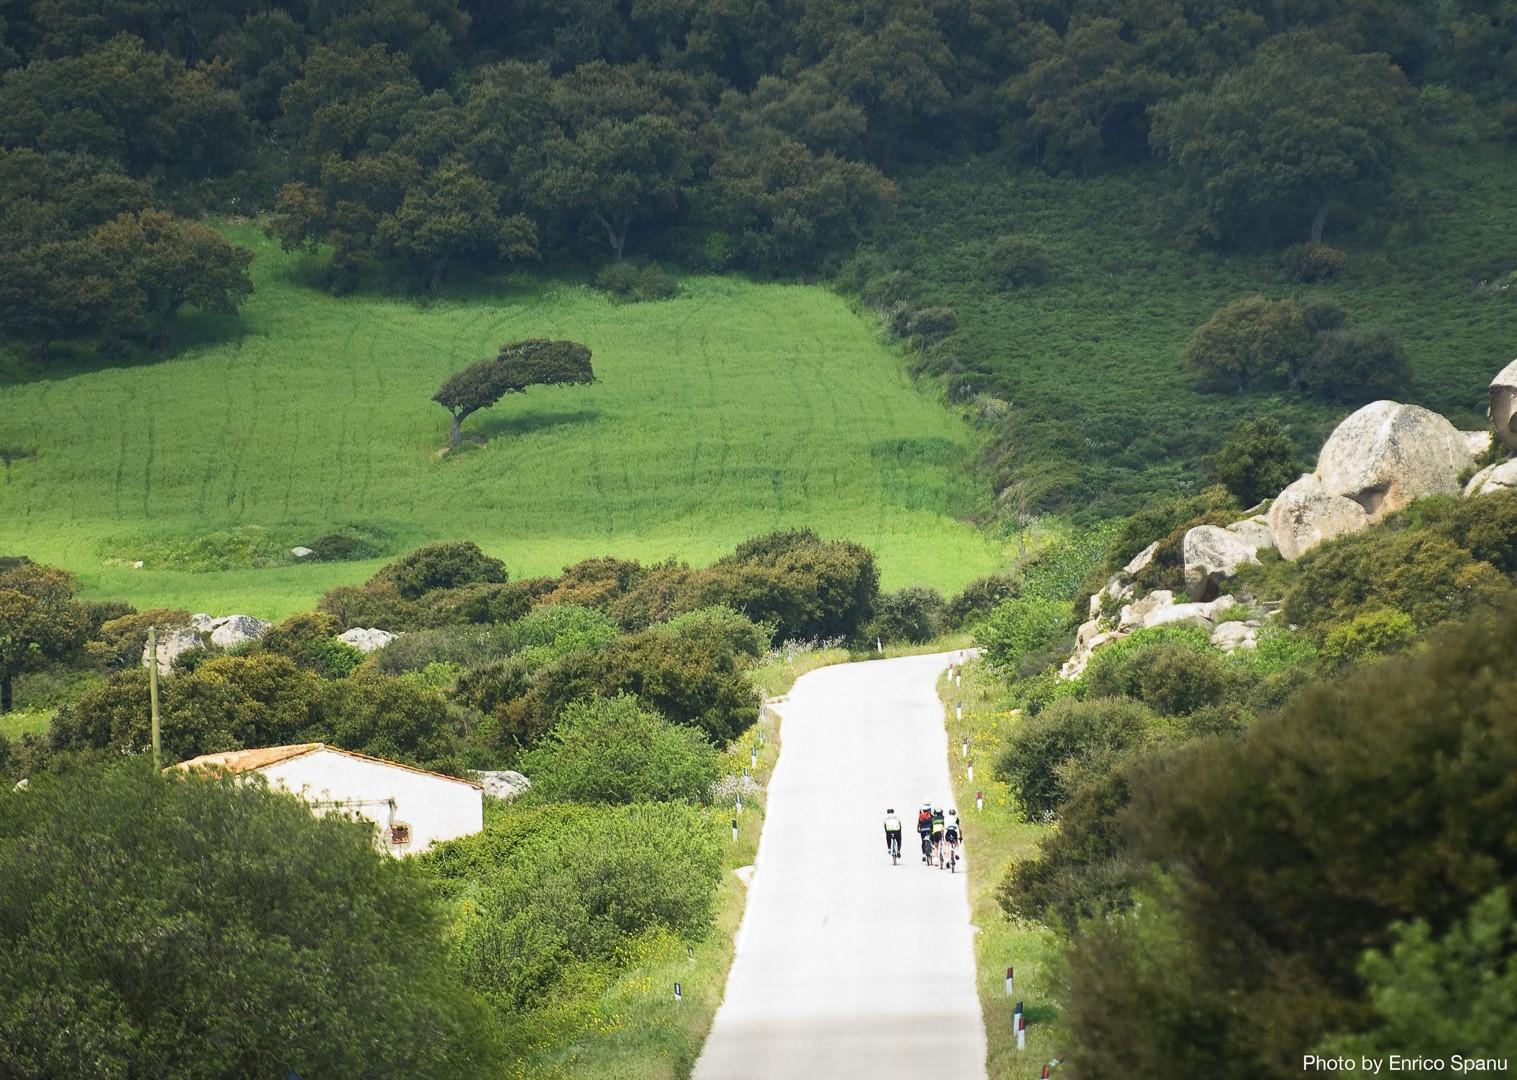 Self-Guided-Road-Cycling-Holiday-Coastal-Explorer-Sardinia.jpg - Italy - Sardinia - Coastal Explorer - Self Guided Road Cycling Holiday - Italia Road Cycling